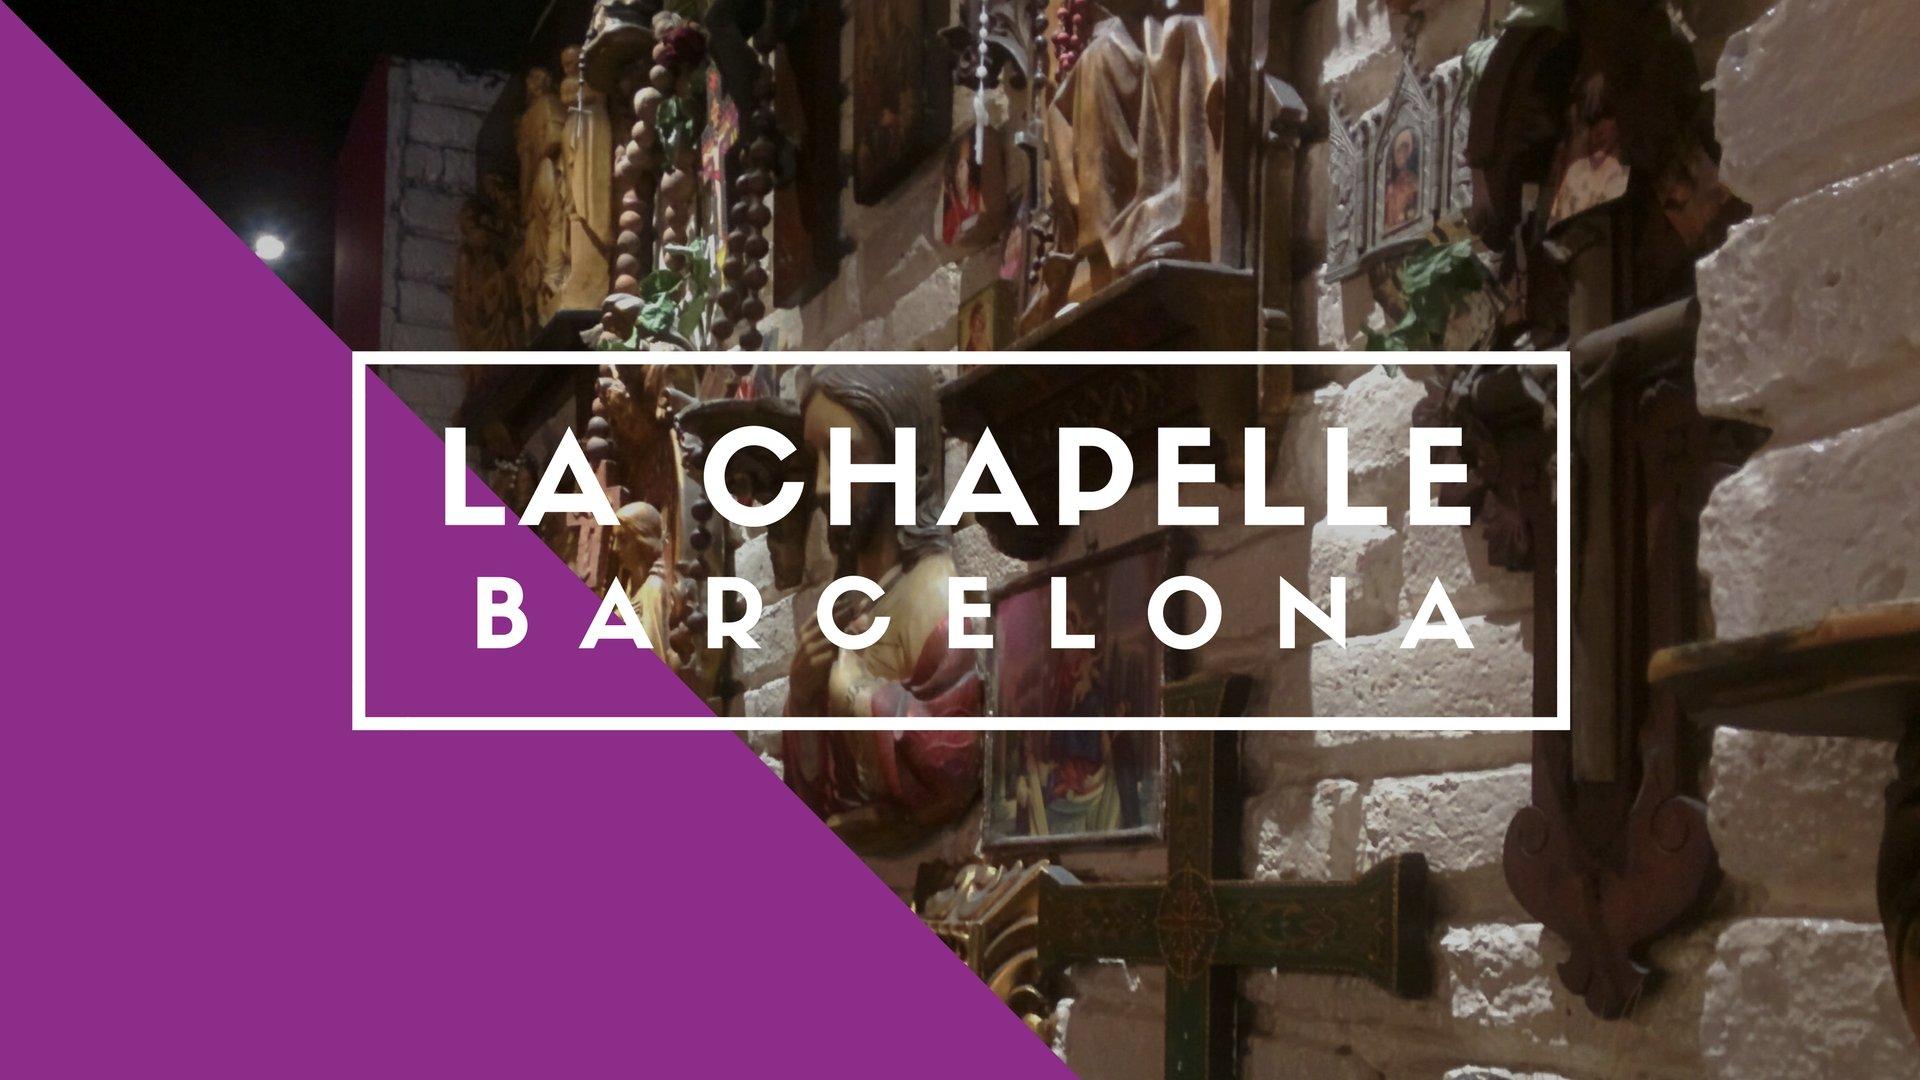 La Chapelle, Barcelona